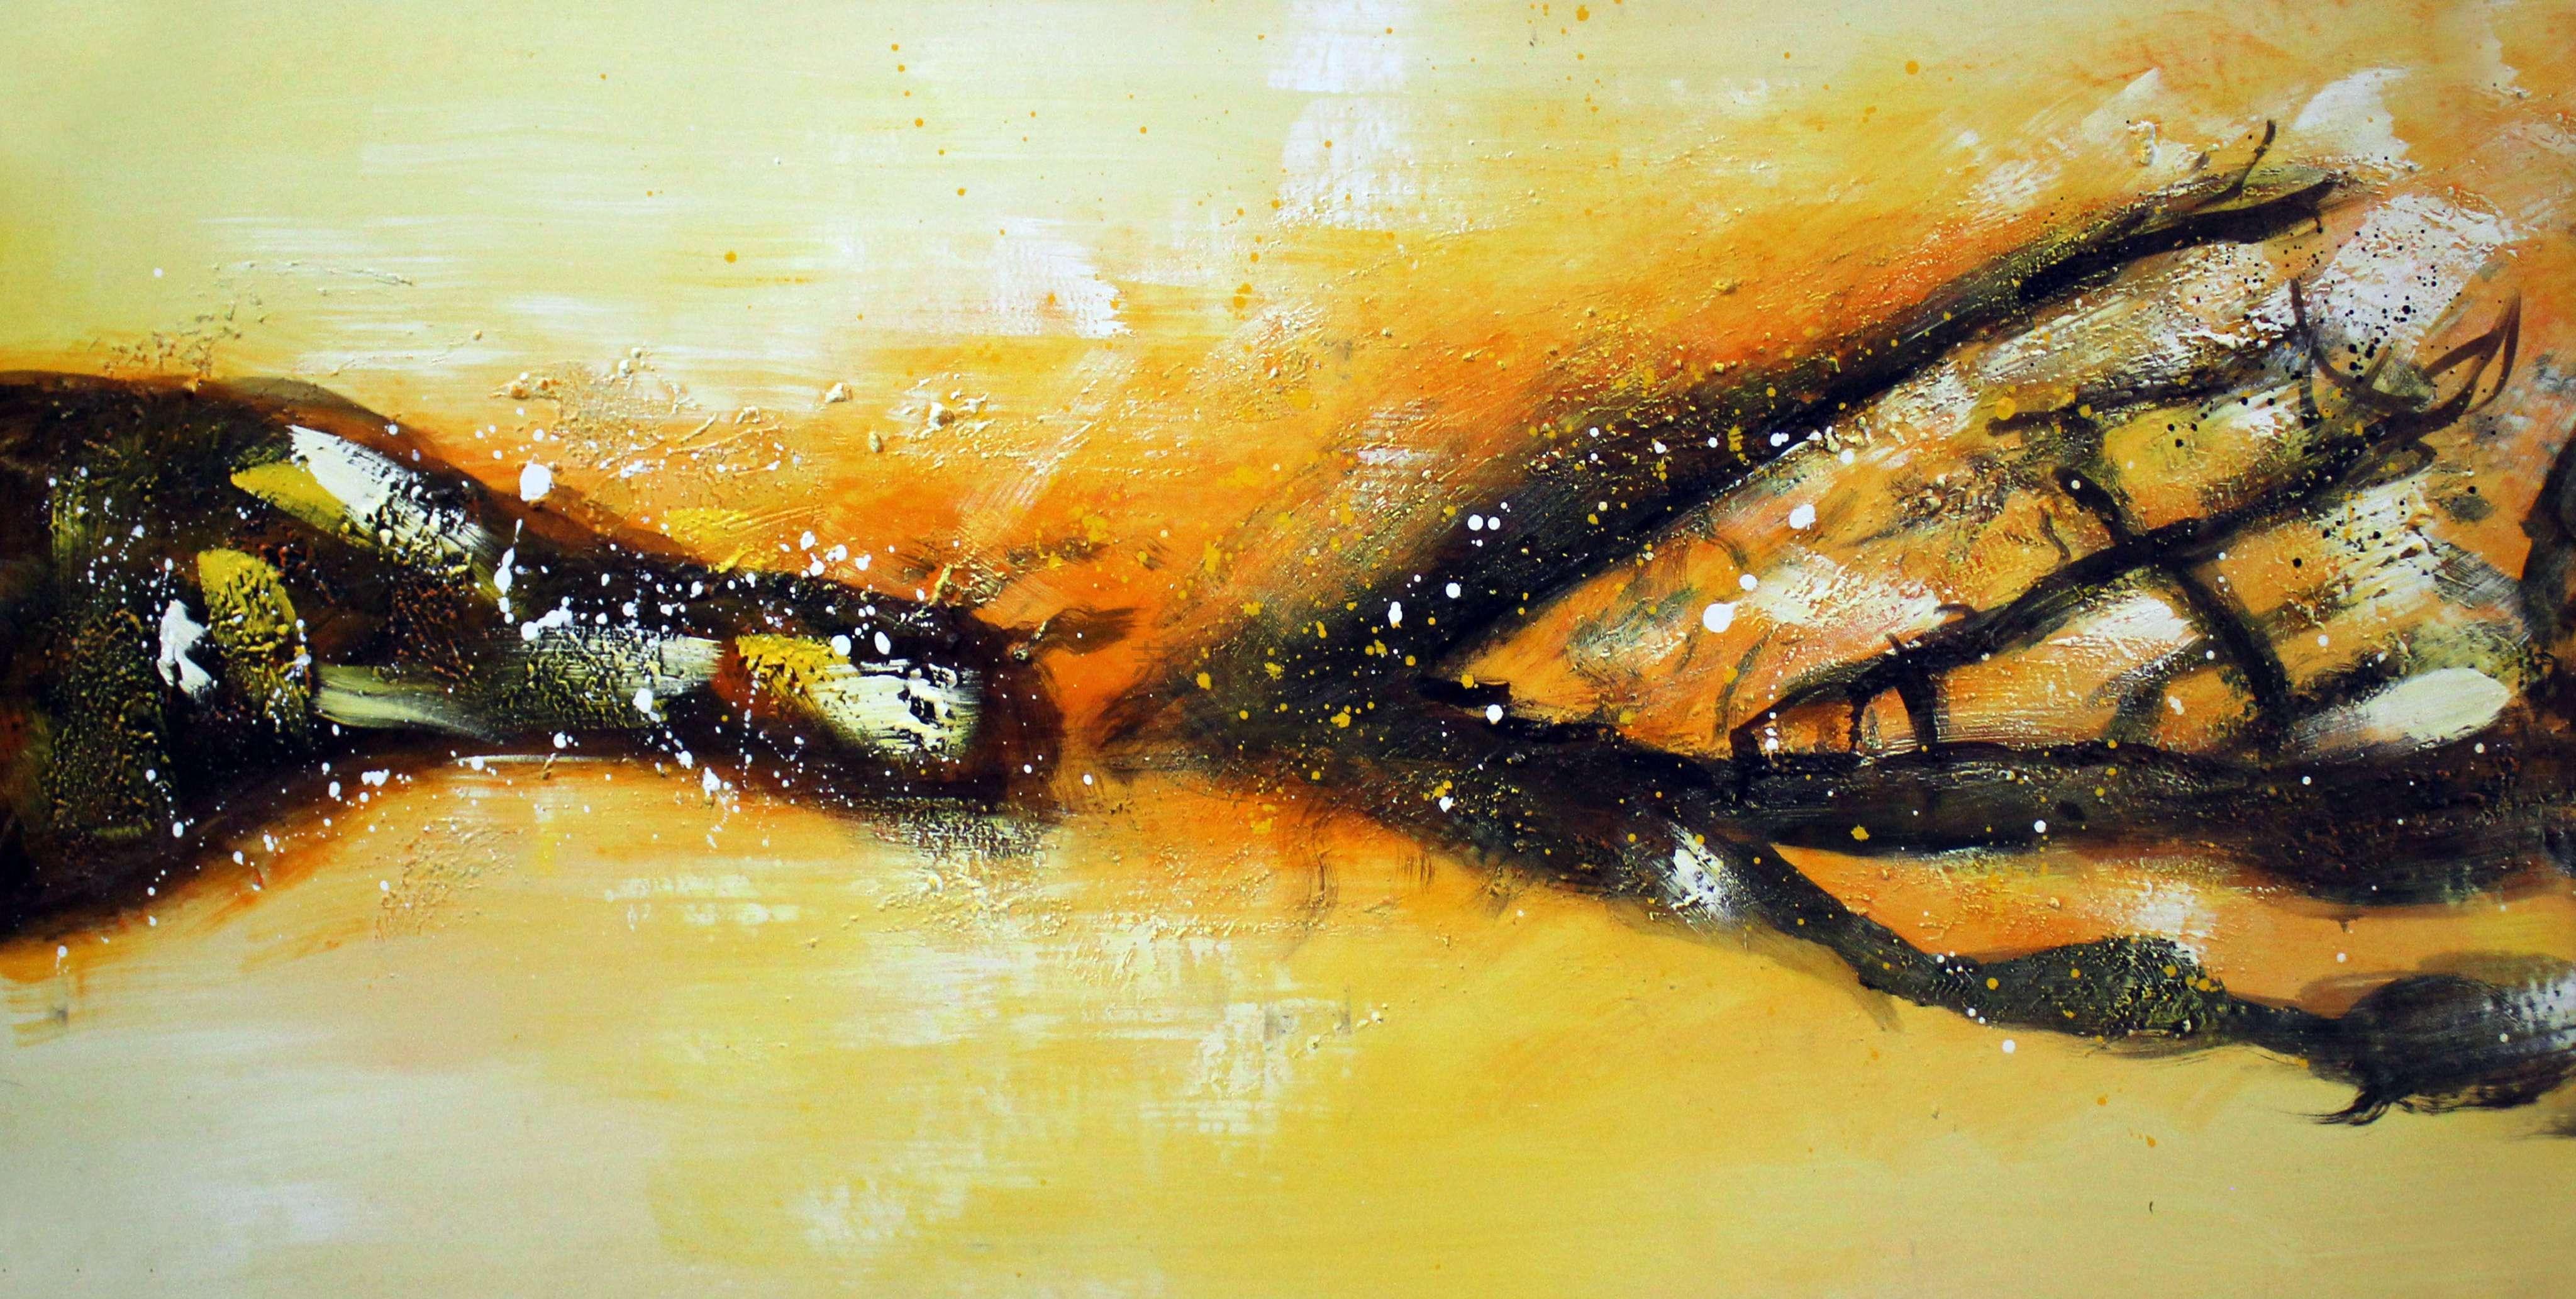 抽象画素材-苏州装饰画油画抽象